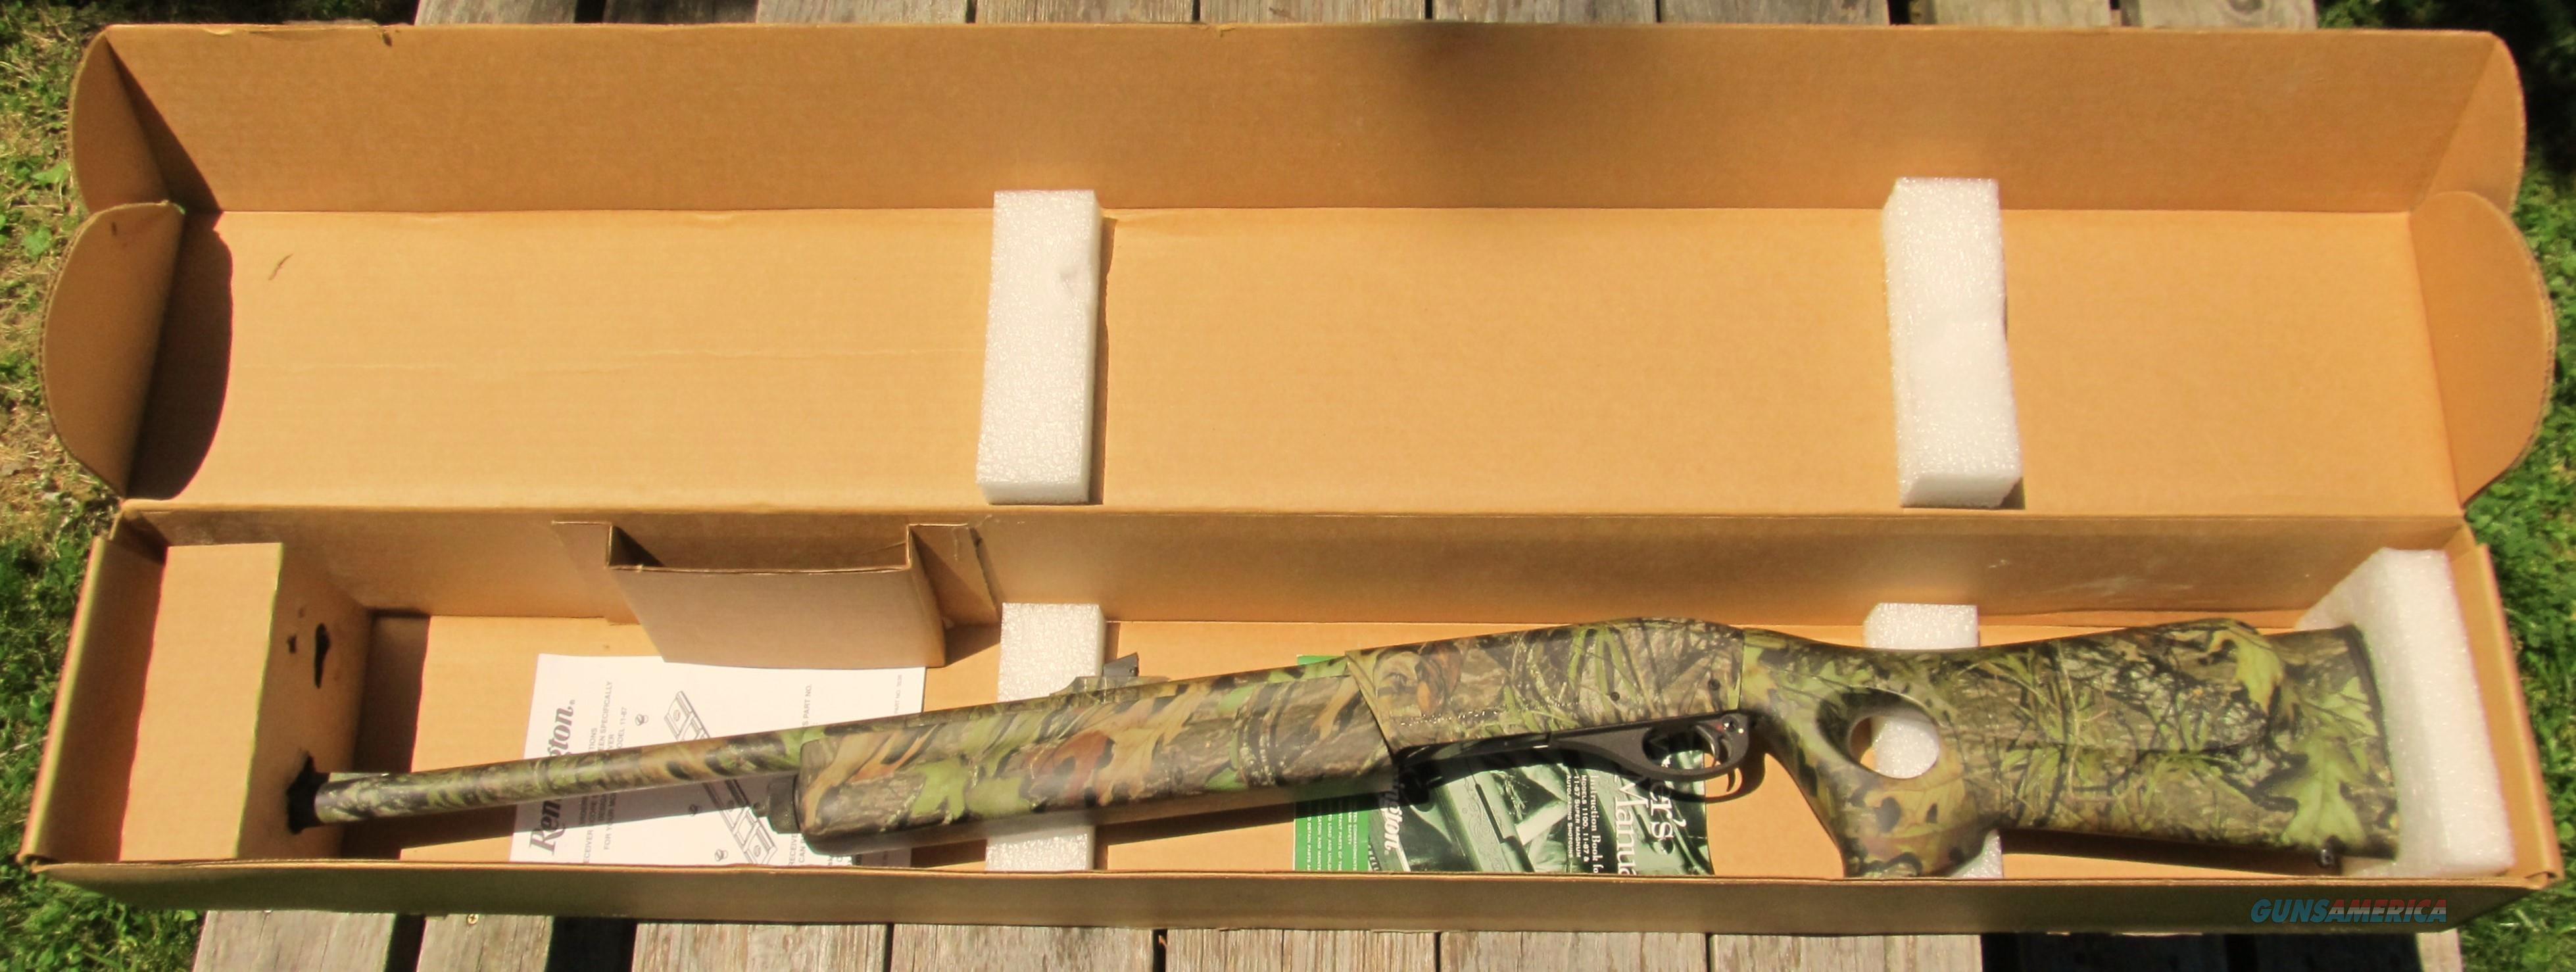 NIB Remington 11-87 Super Mag, 23